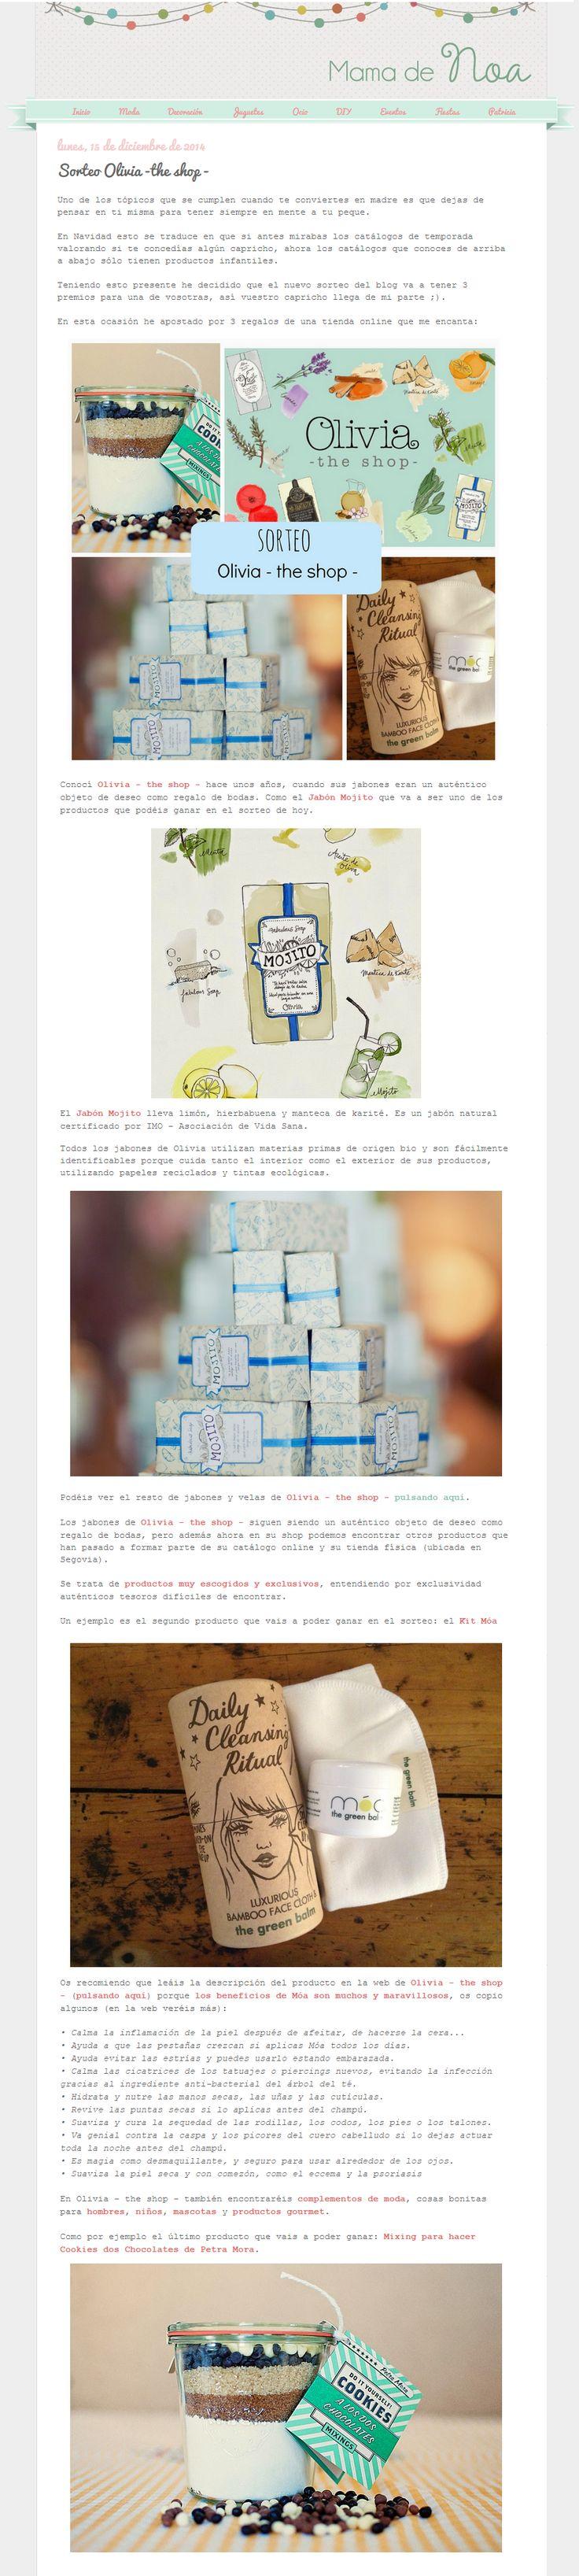 """Blog Mamá de Noa, 15 de diciembre de 2014 """"Sorteo Olivia The Shop"""" http://mamadenoa.blogspot.com.es/2014/12/sorteo-olivia-the-shop-blog-infantil-mama-de-noa.html"""